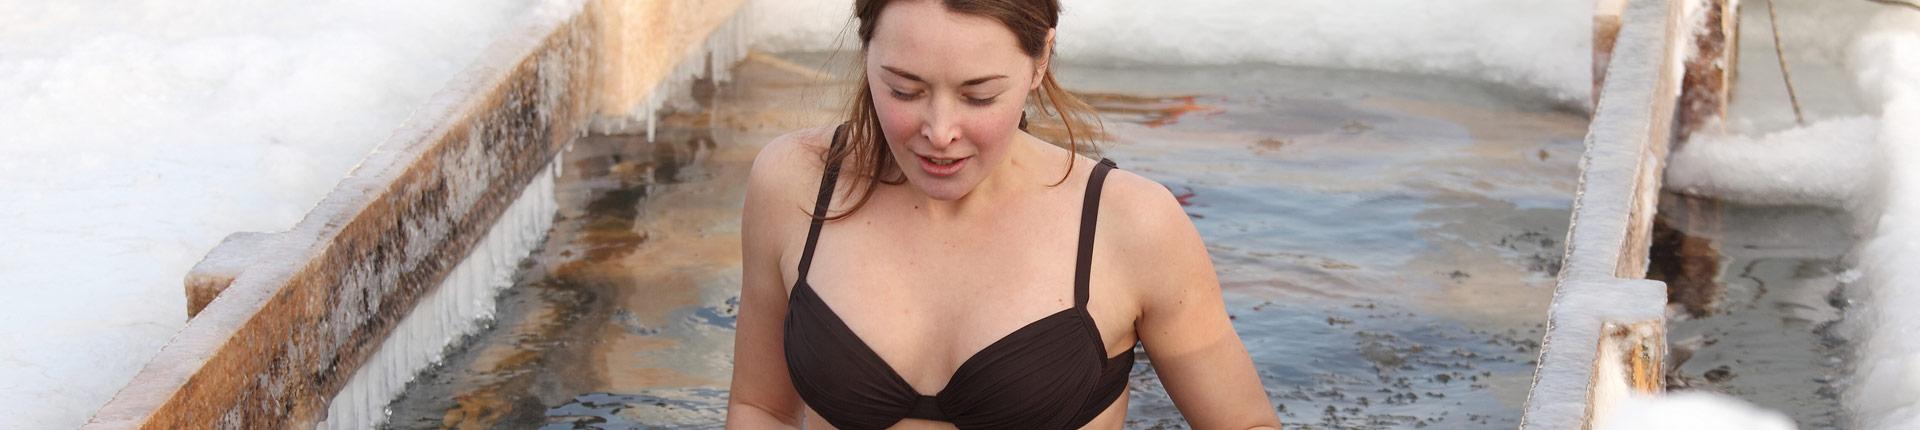 Czy morsowanie jest zdrowe? Kąpiel w zimnej wodzie: wady i zalety